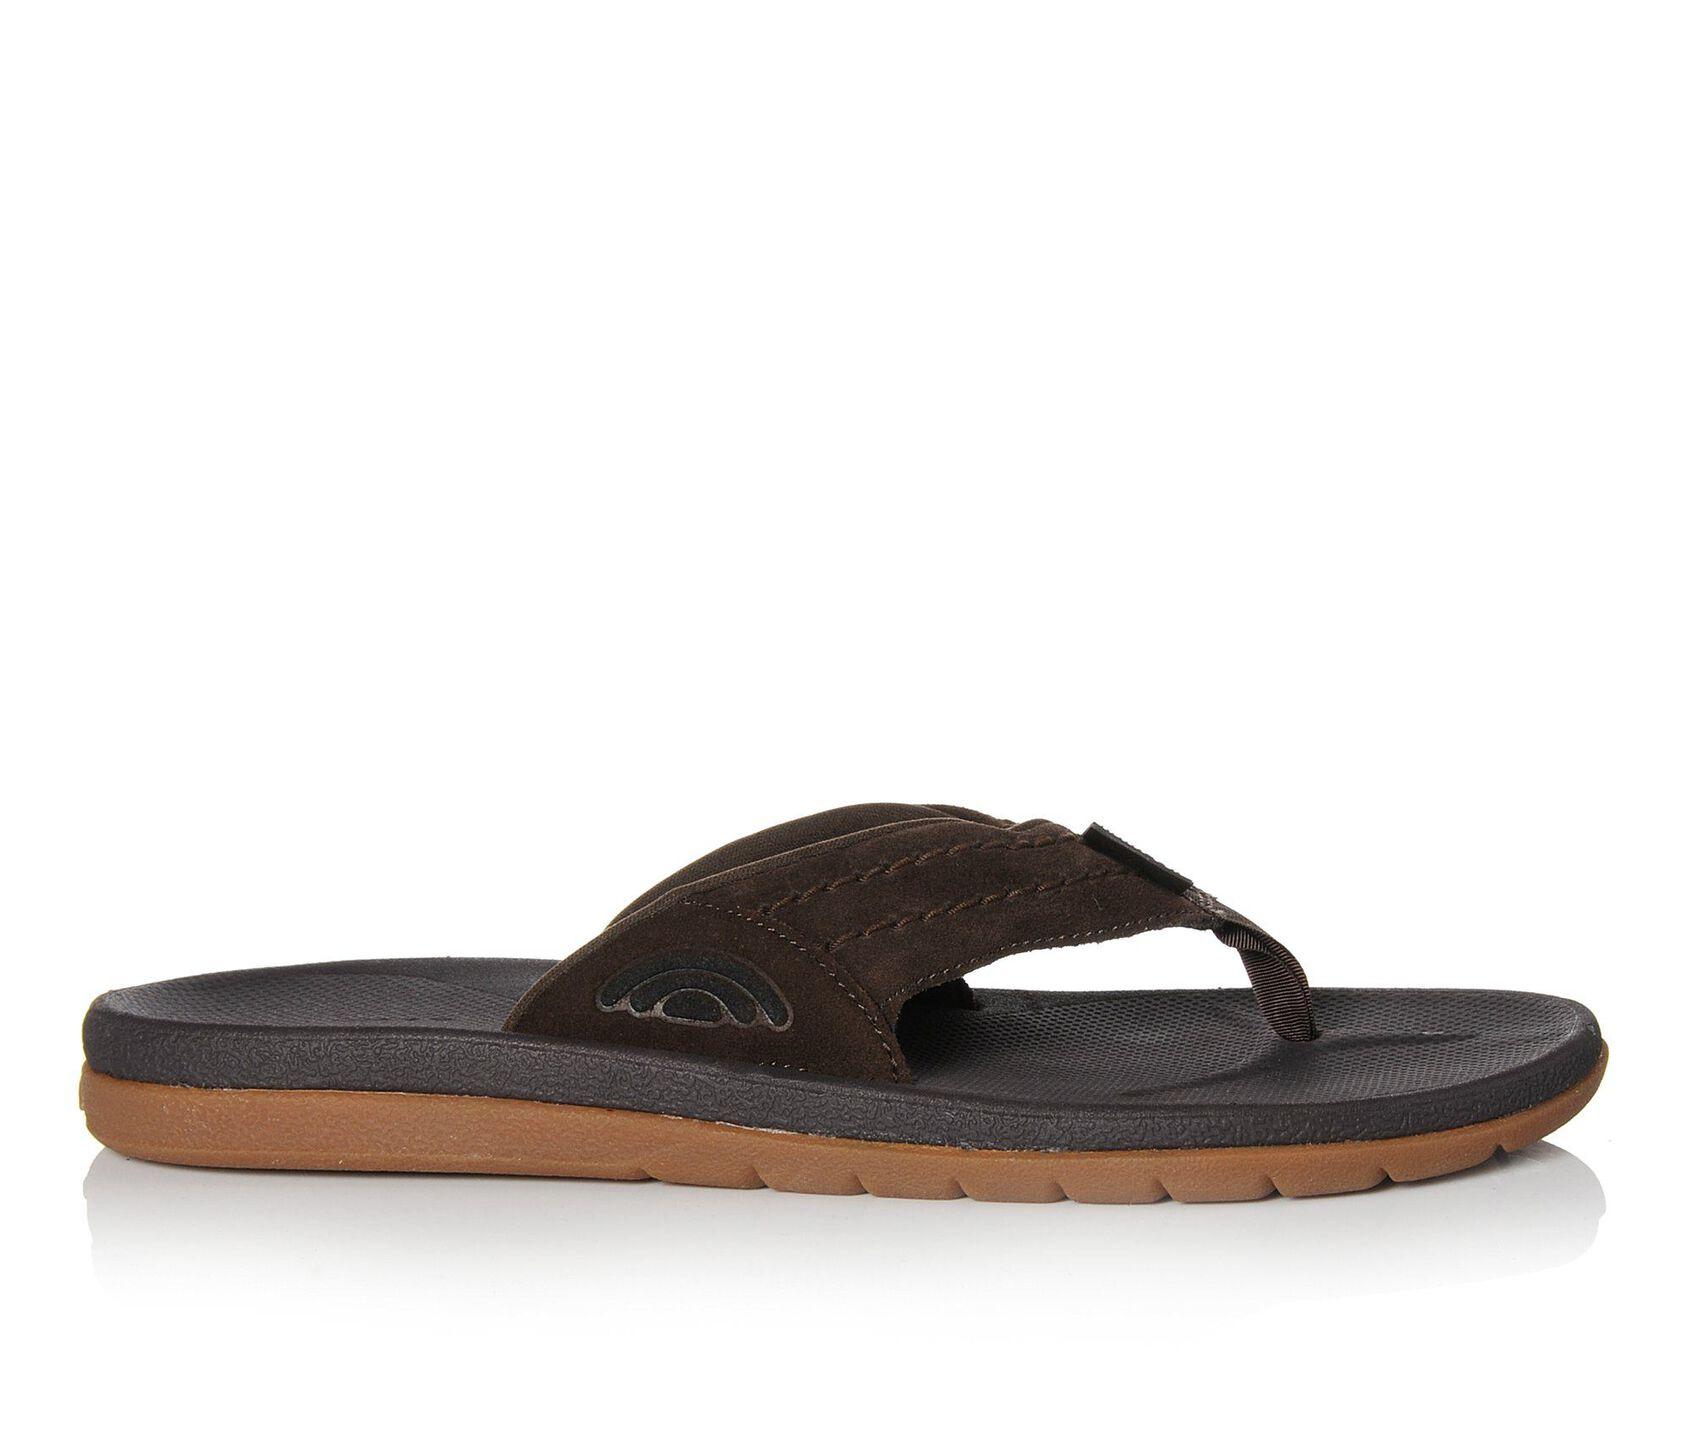 3755a206786b ... Rainbow Sandals Eastcape Flip-Flops. Previous